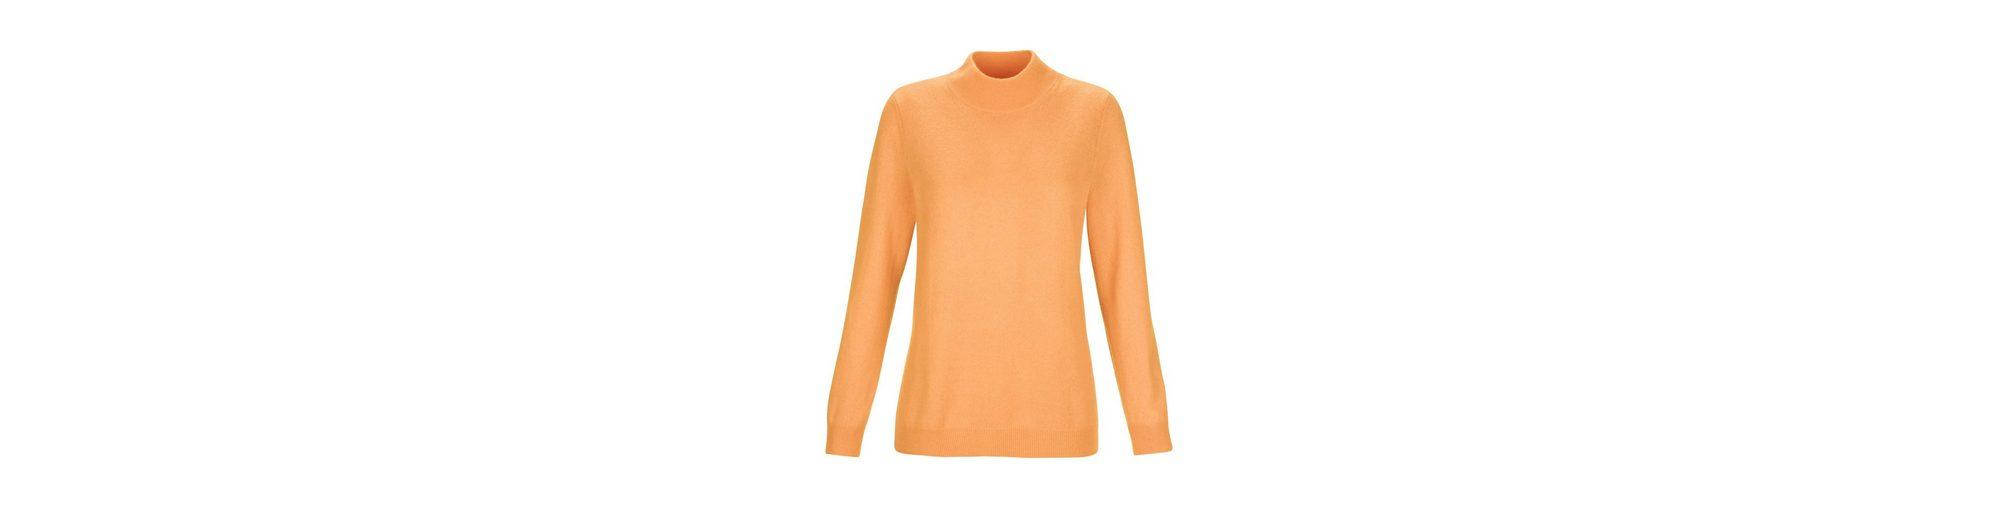 Spielraum Online Ebay Mona Kaschmir-Pullover mit Stehkragen Billig Zahlen Mit Paypal Billig Verkauf Bestseller Kostengünstige Online NavuC1IFt